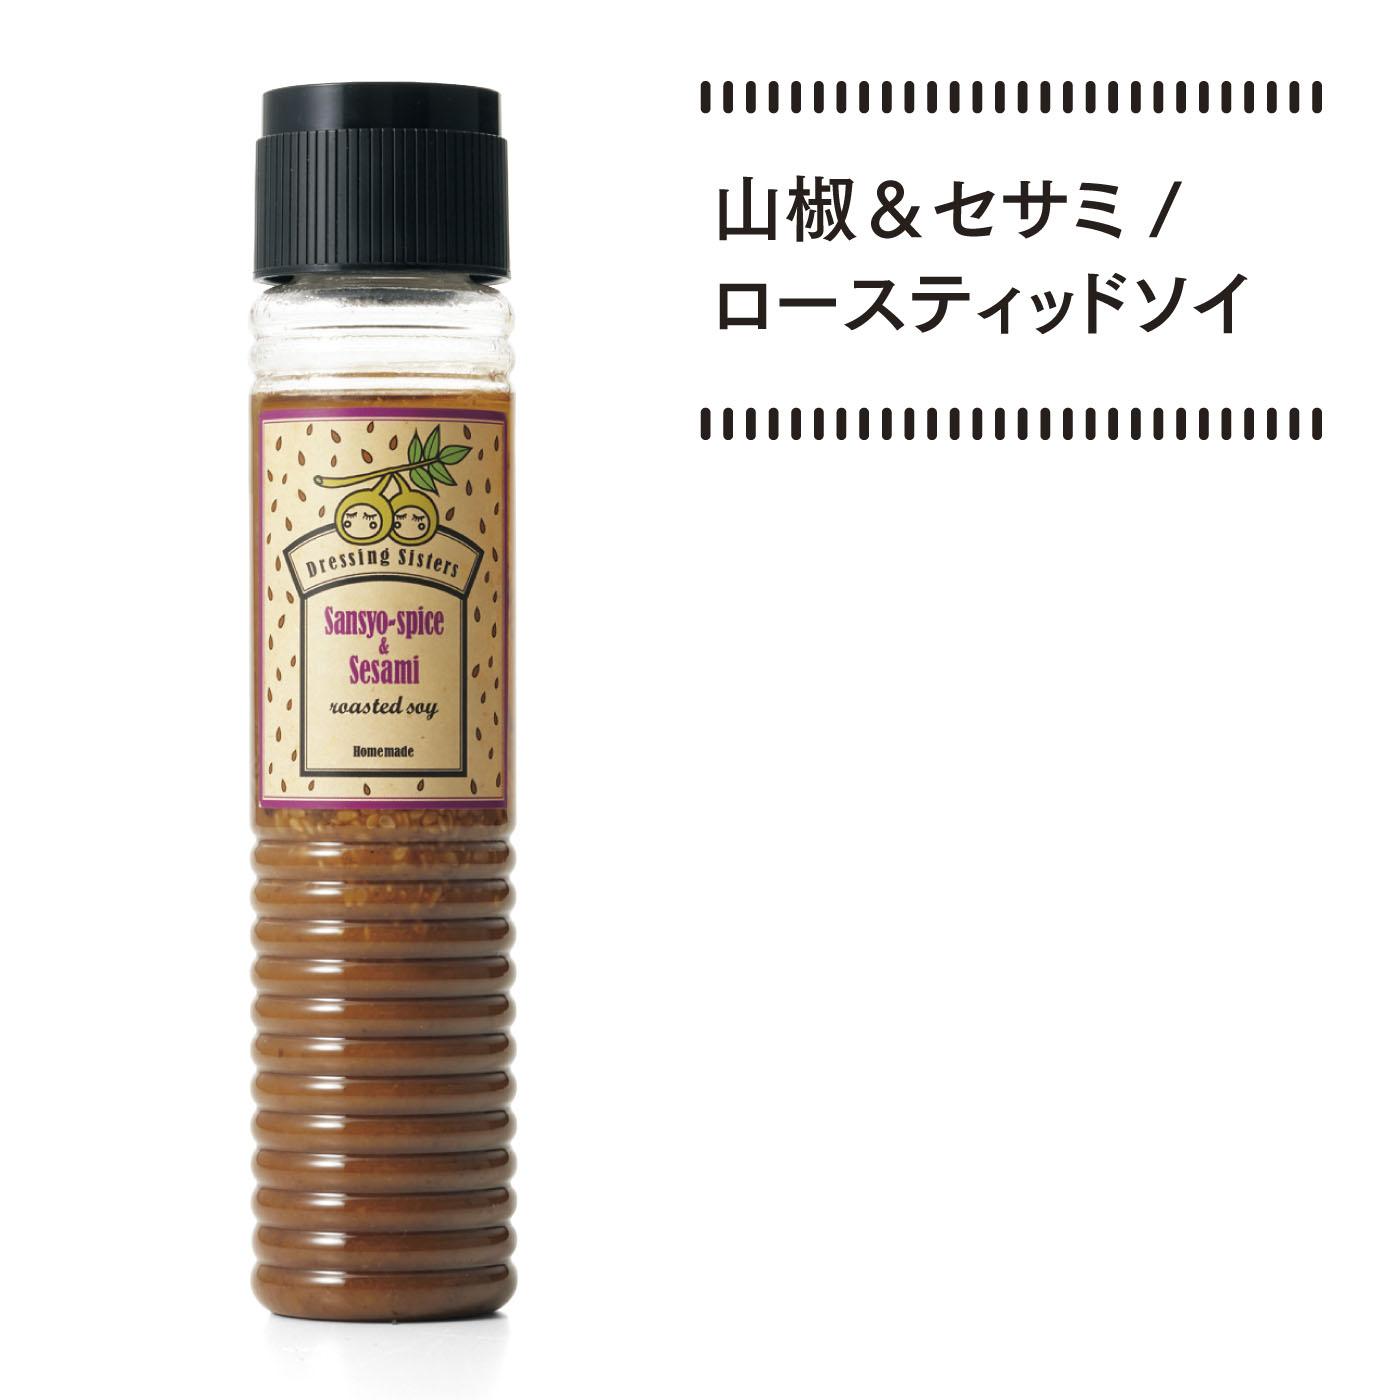 自然農法の希少な生山椒を贅沢にブレンドした、芳醇で香ばしい究極のしょうゆベース生ドレッシング。